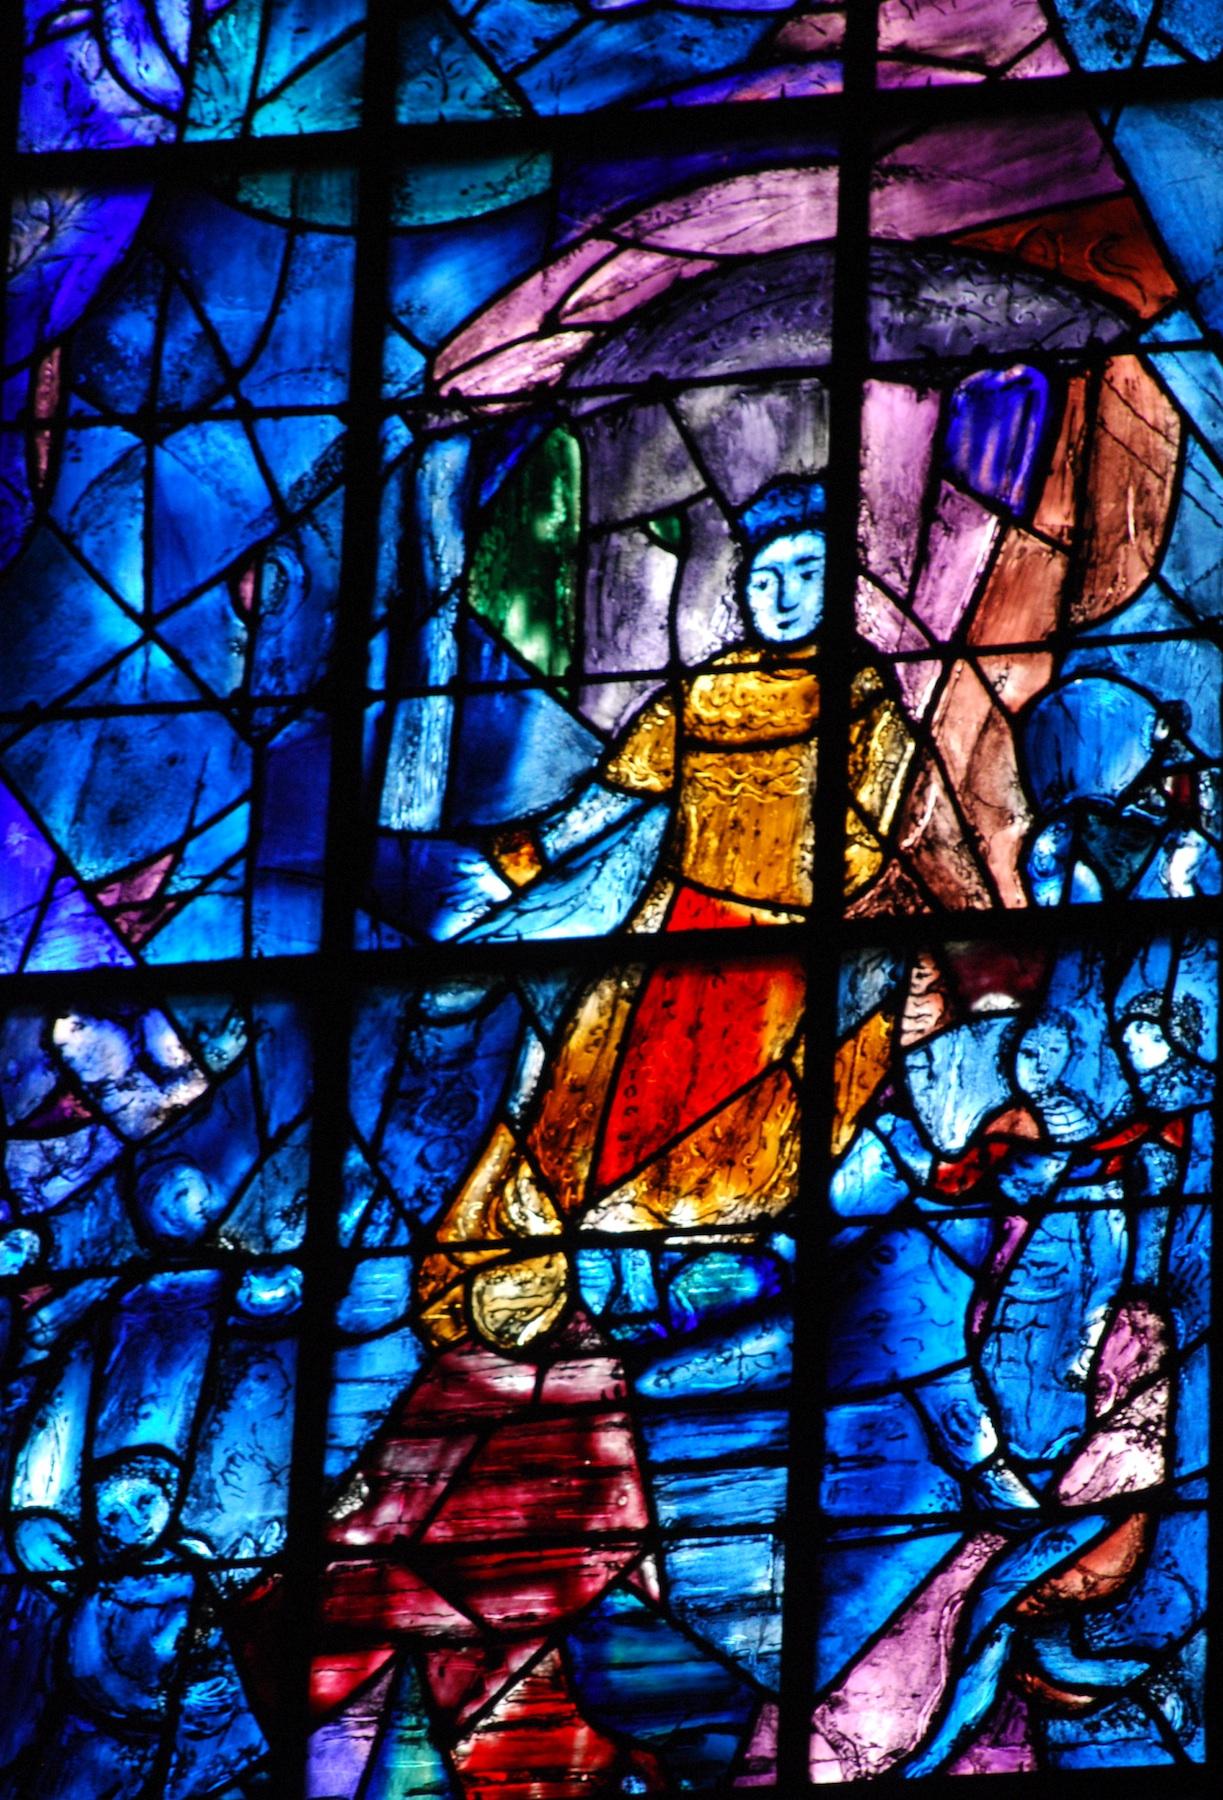 Nieuwe ramen voor de kathedraal van Reims | Wel heb je ooit! Chagall Afbeeldingen